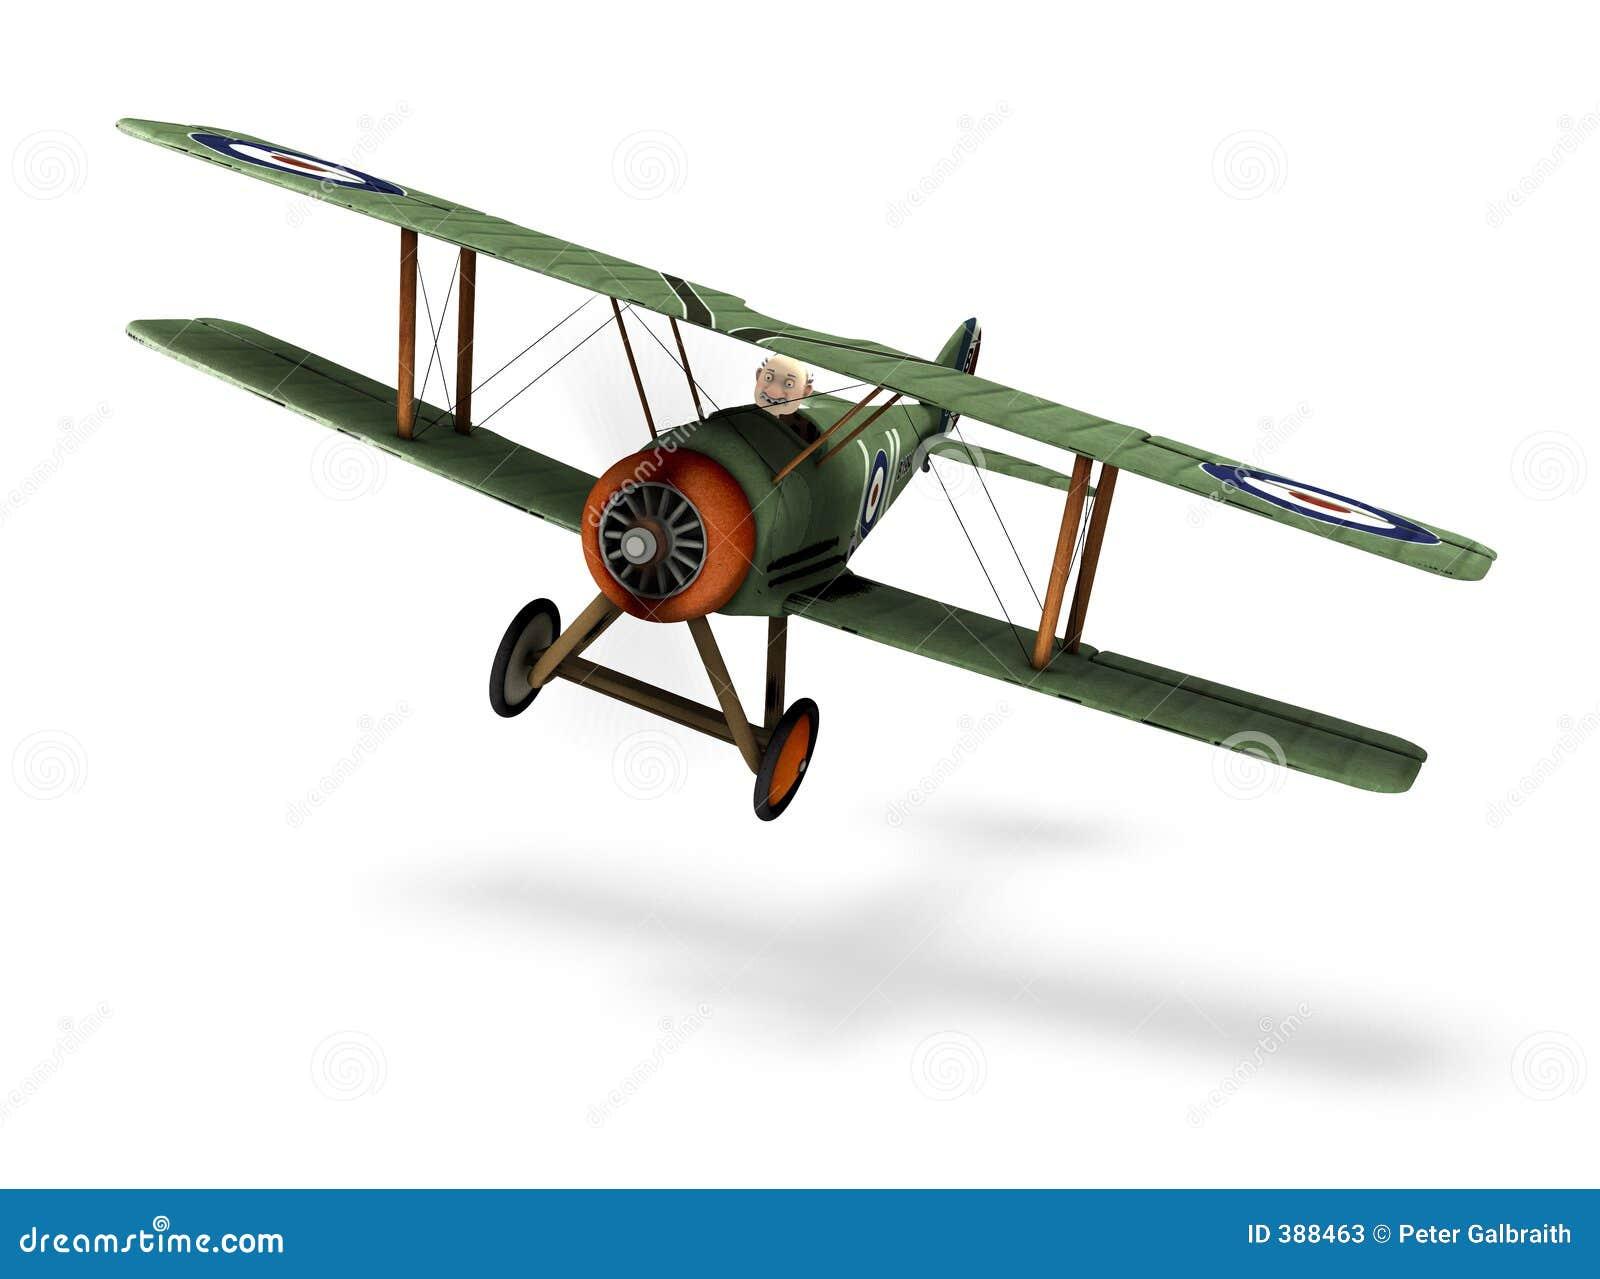 Hanger Plane